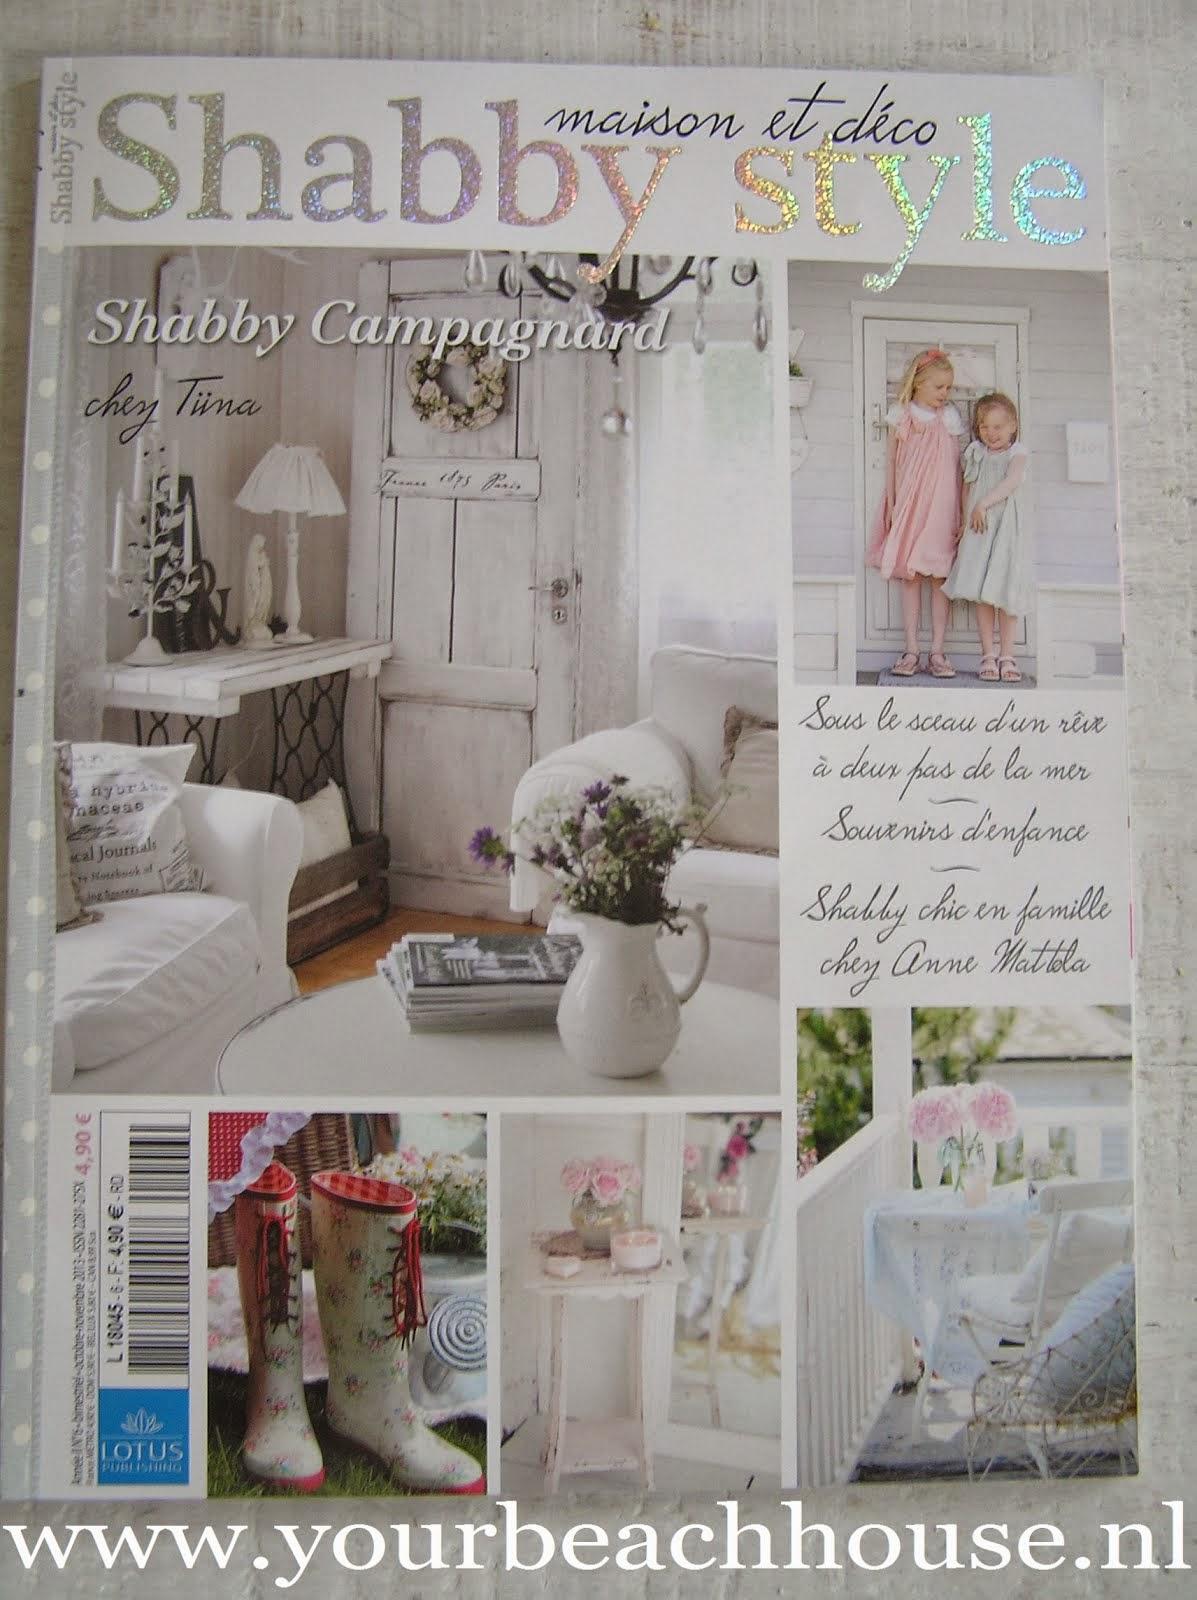 Binnenkijker Magazine Shabby style